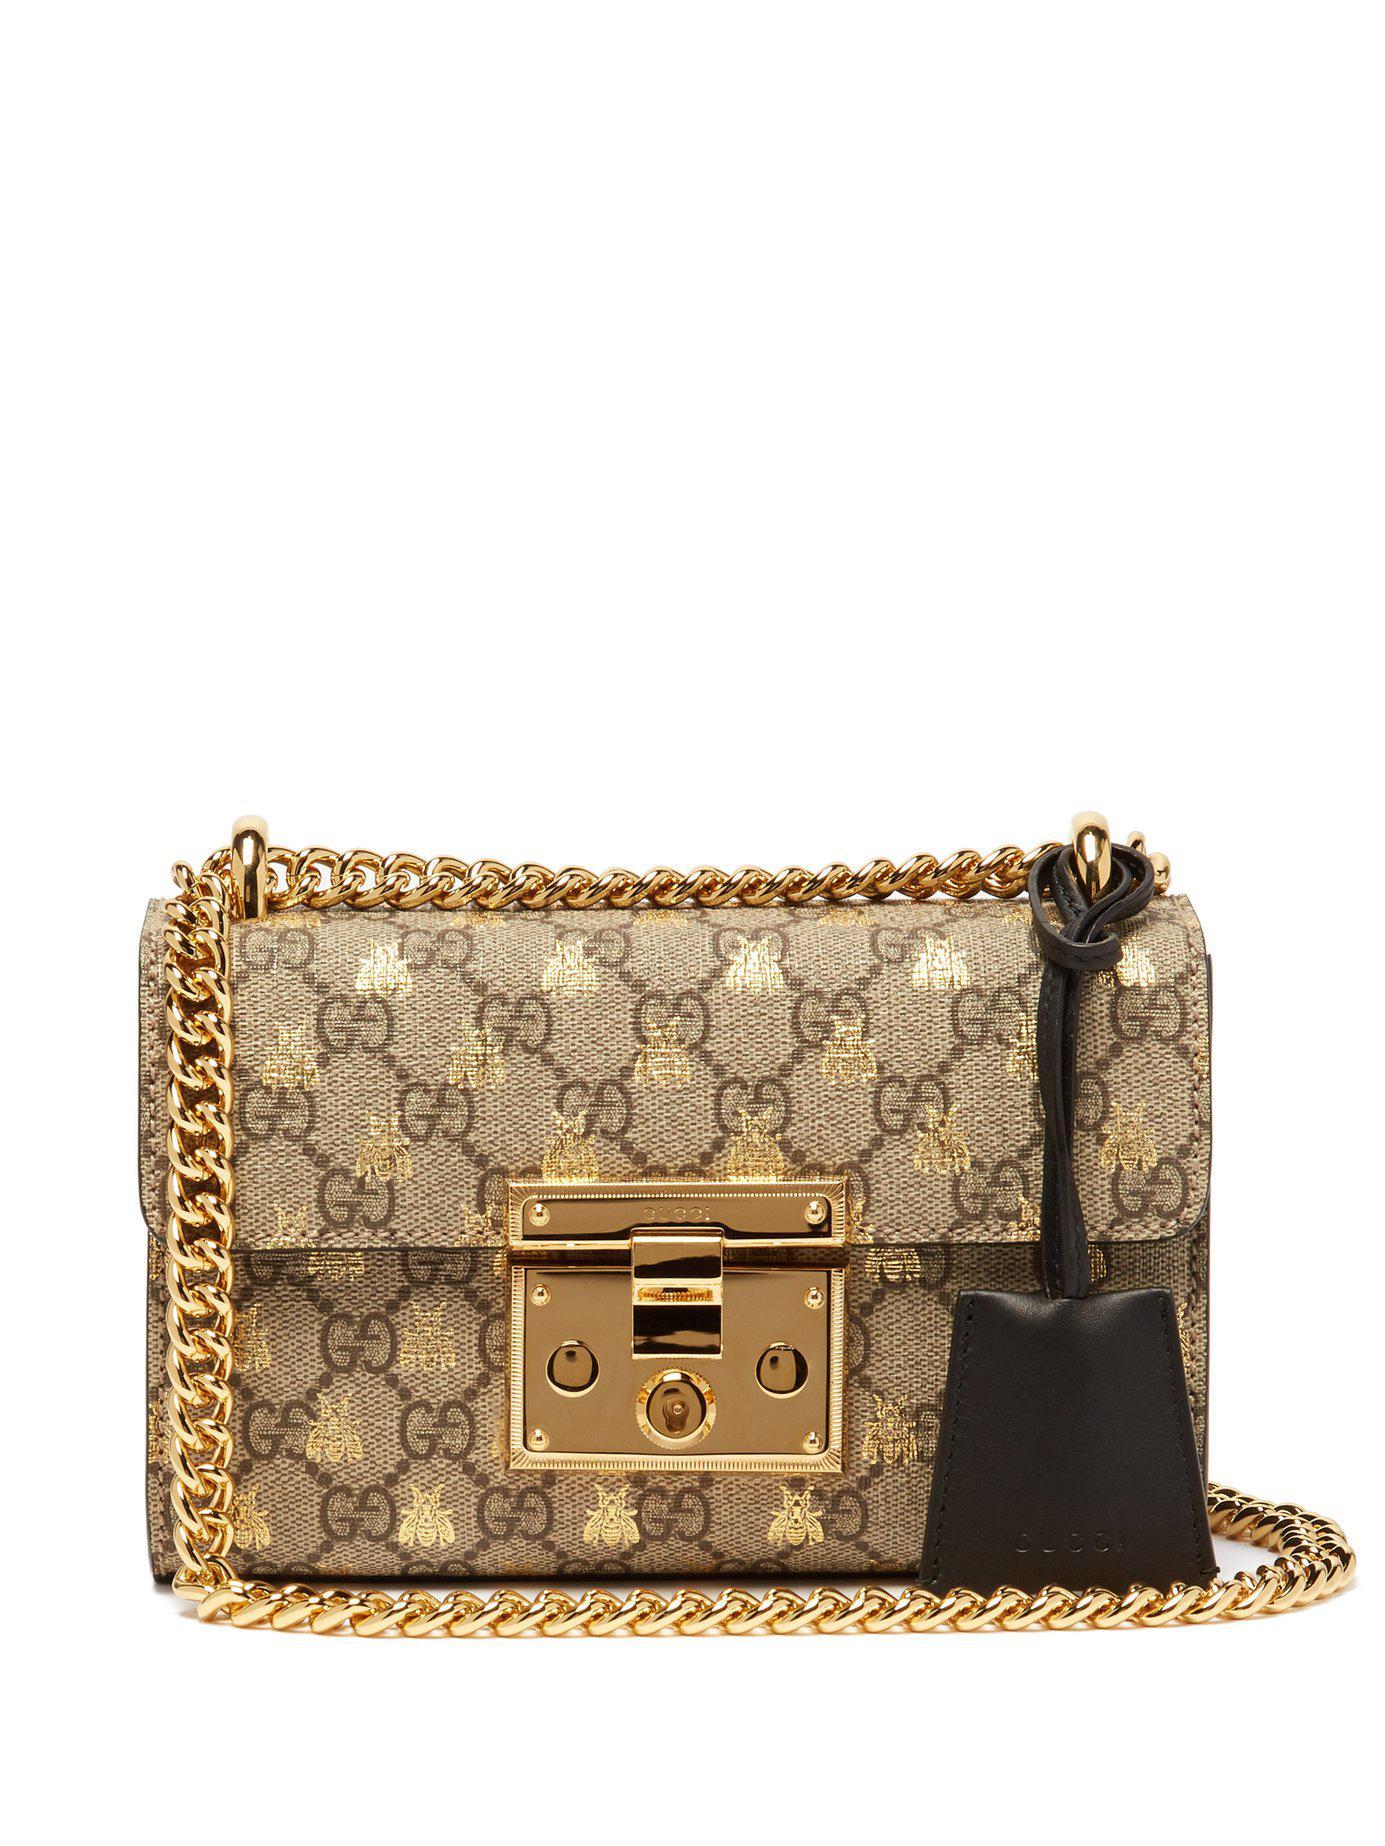 1068352e85ce Gucci Padlock Gg Supreme Small Cross Body Bag - Lyst